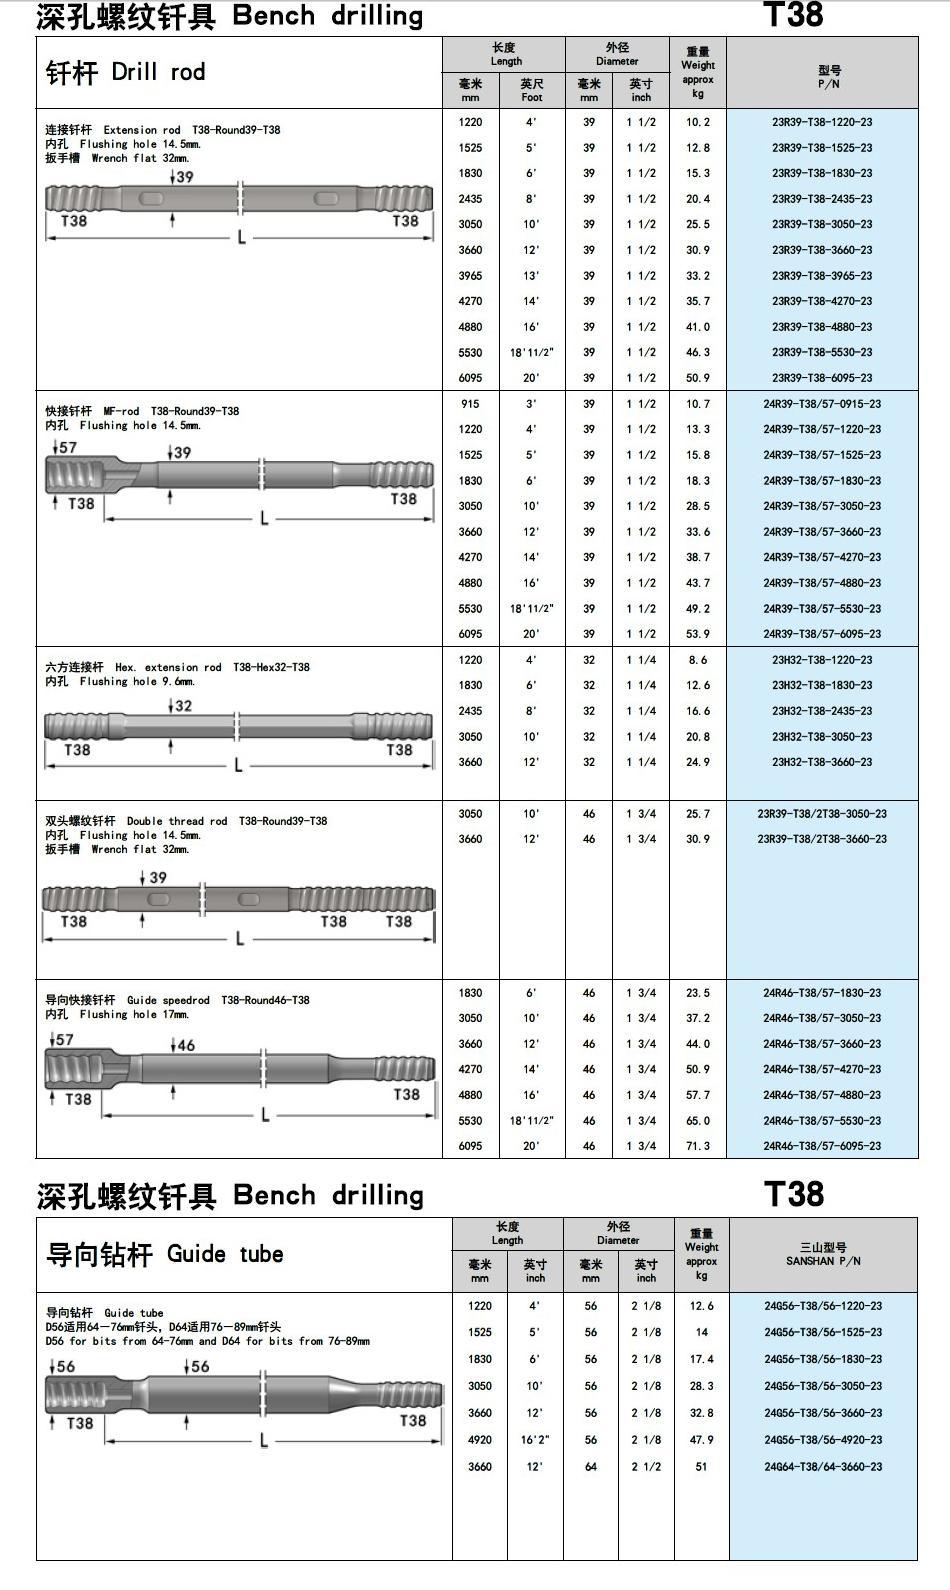 T38 Guide tube